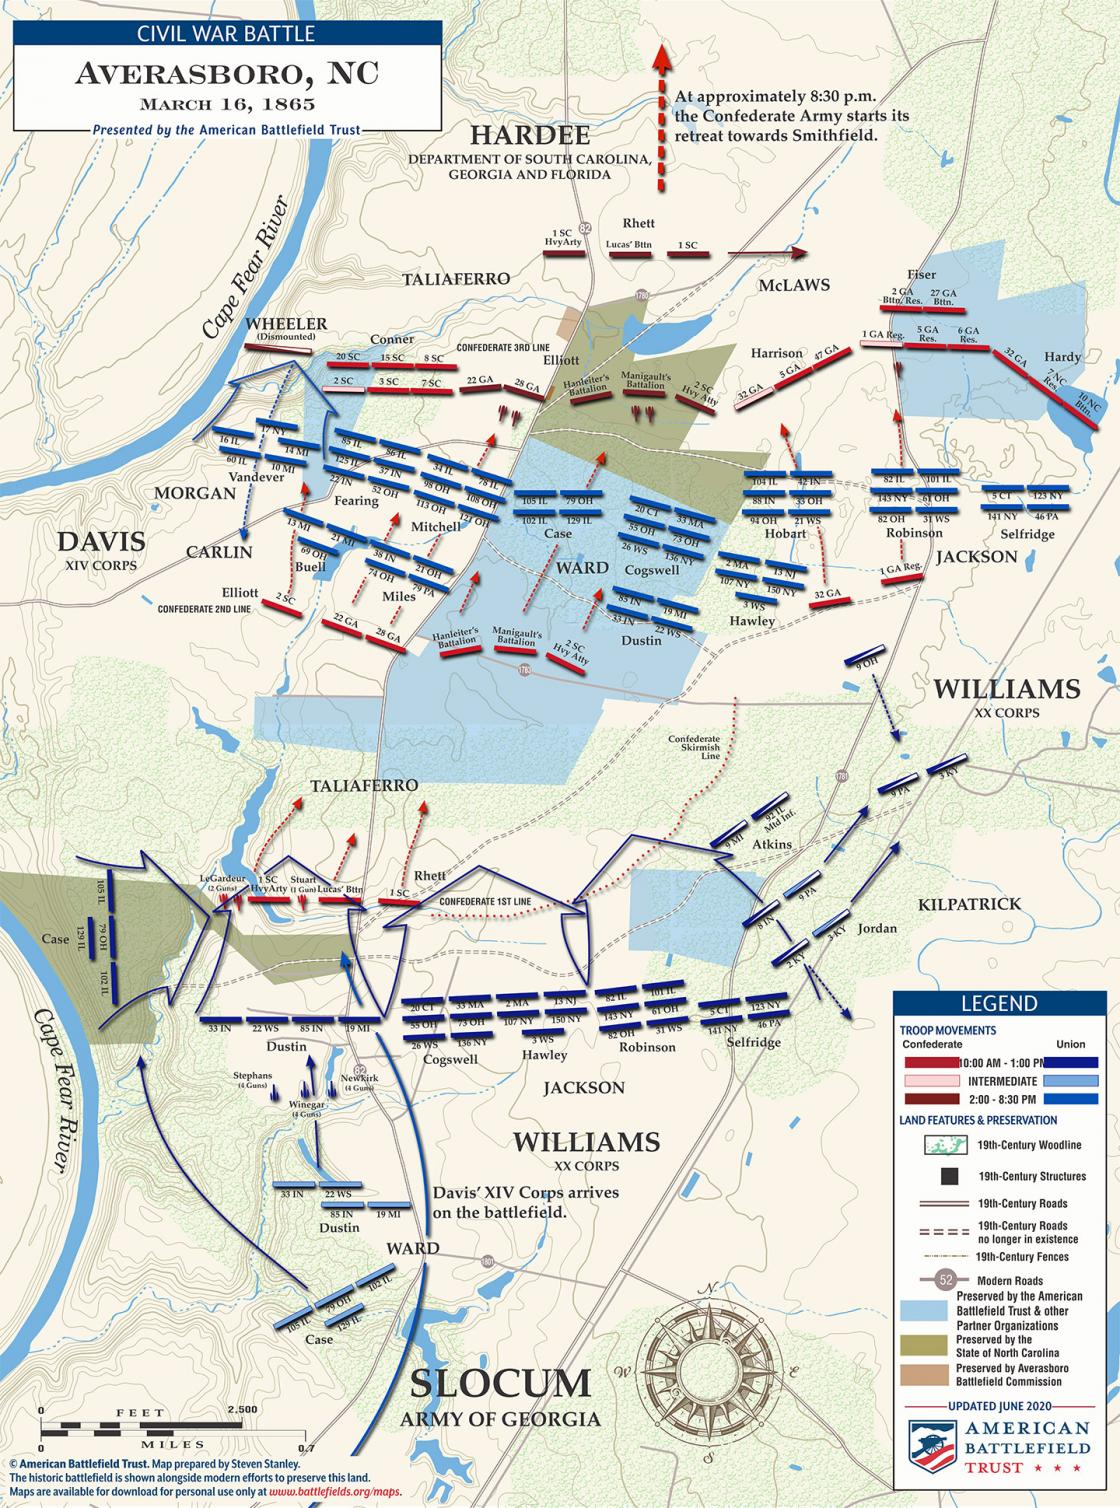 Averasboro - March 16, 1865 (June 2020)